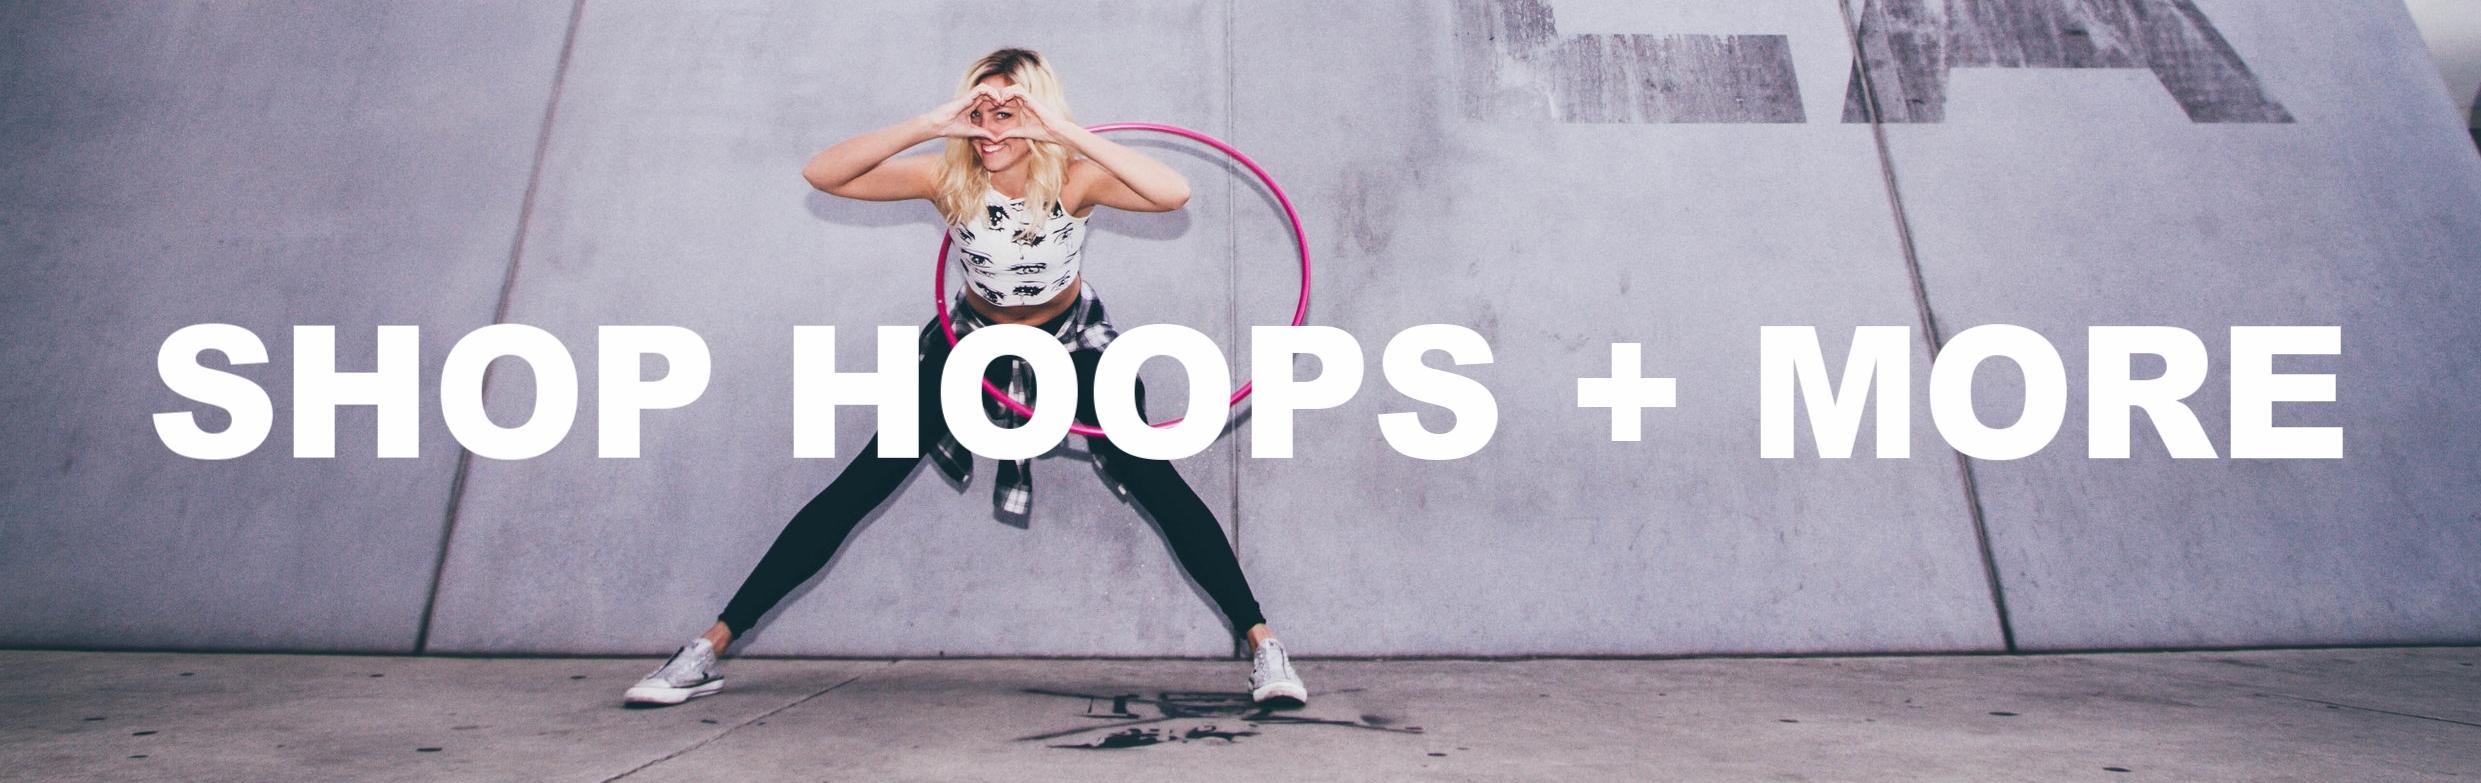 Hula hoop girl los angeles